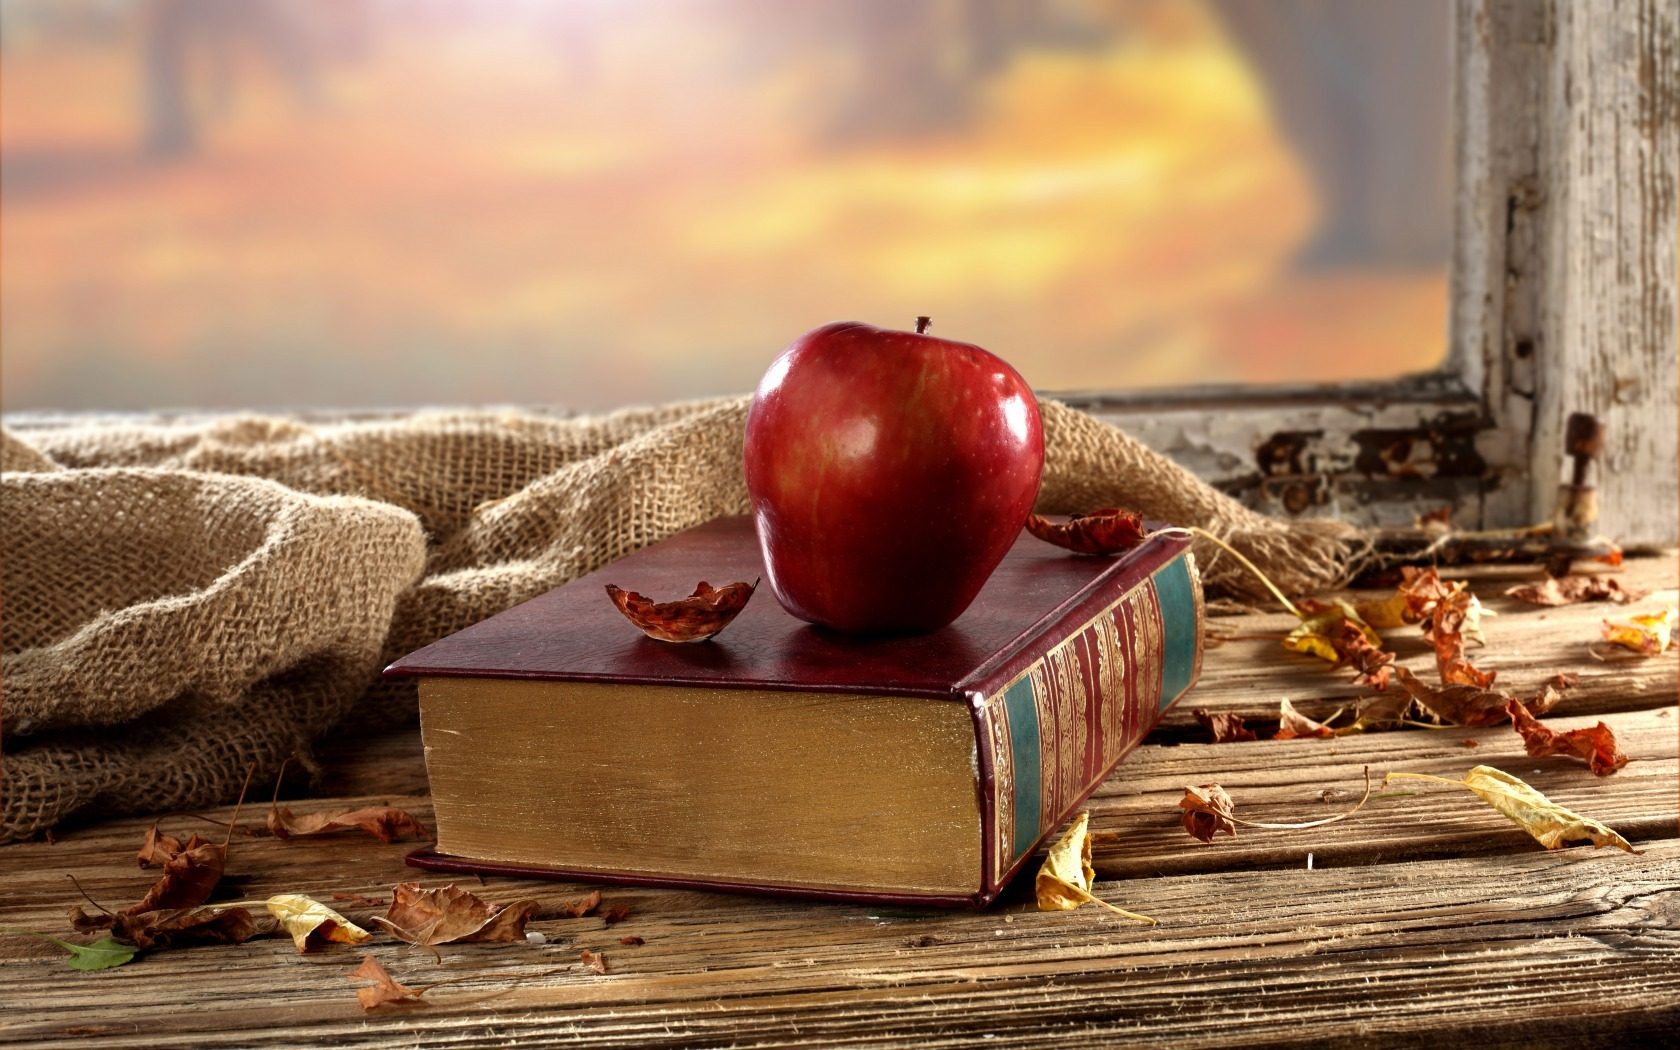 ... Y caen las hojas, llega ....¡¡¡ EL Otoño !!! - Página 4 H-58539